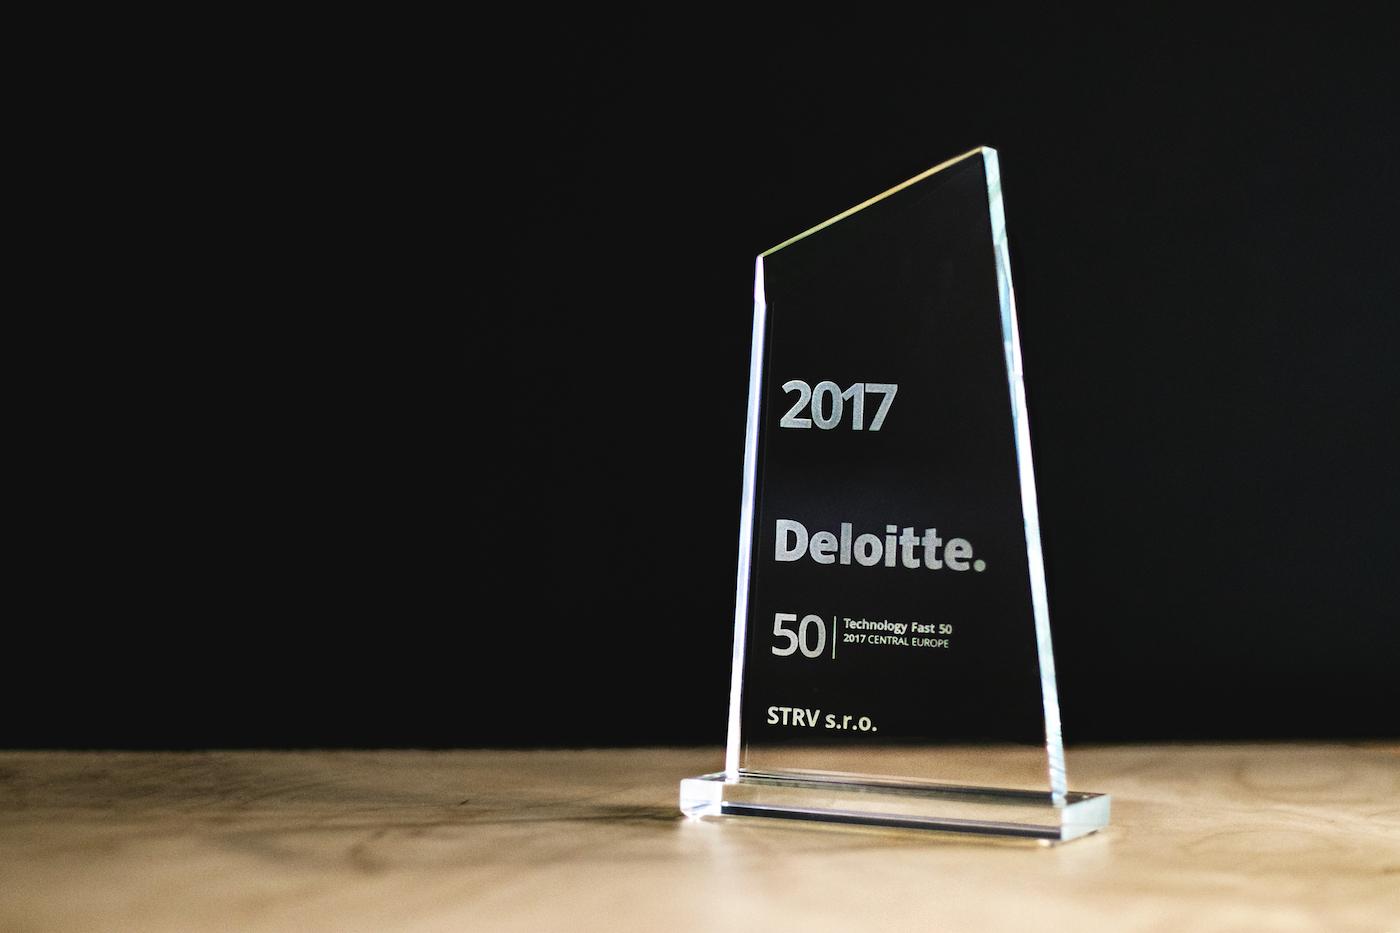 Deloitte Technology Fast 50 award for STRV 2017